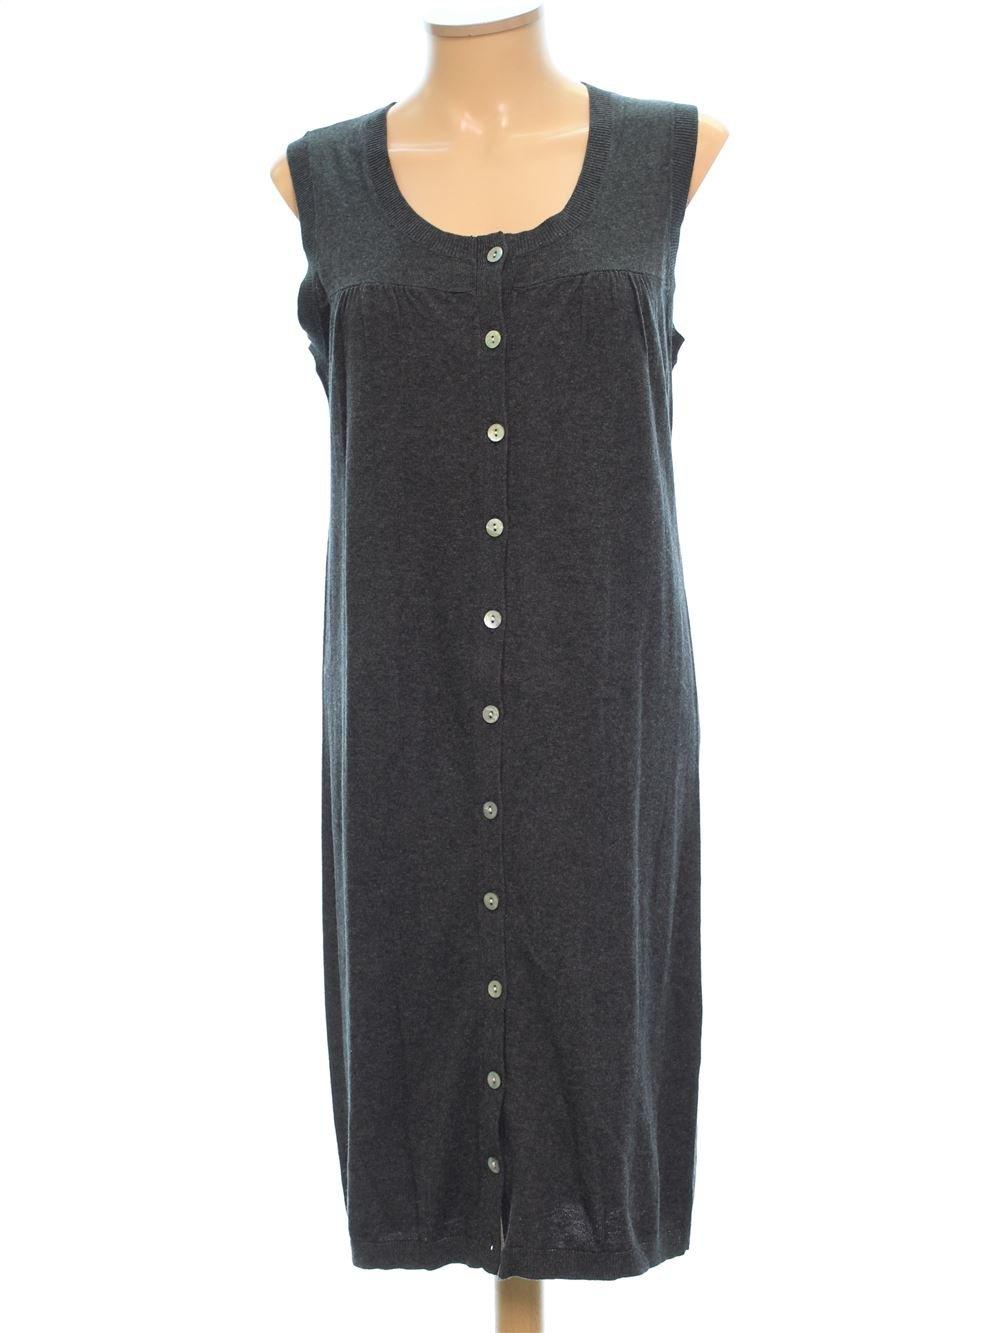 Cher6 Pas Robe Femme Koolook 39 M €1710171 fgyb7Y6v